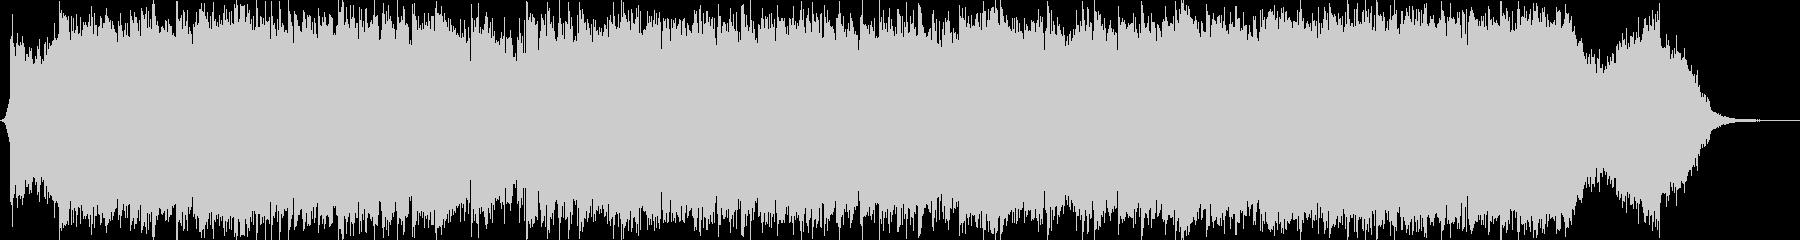 ダークファンタジーオーケストラ戦闘曲60の未再生の波形